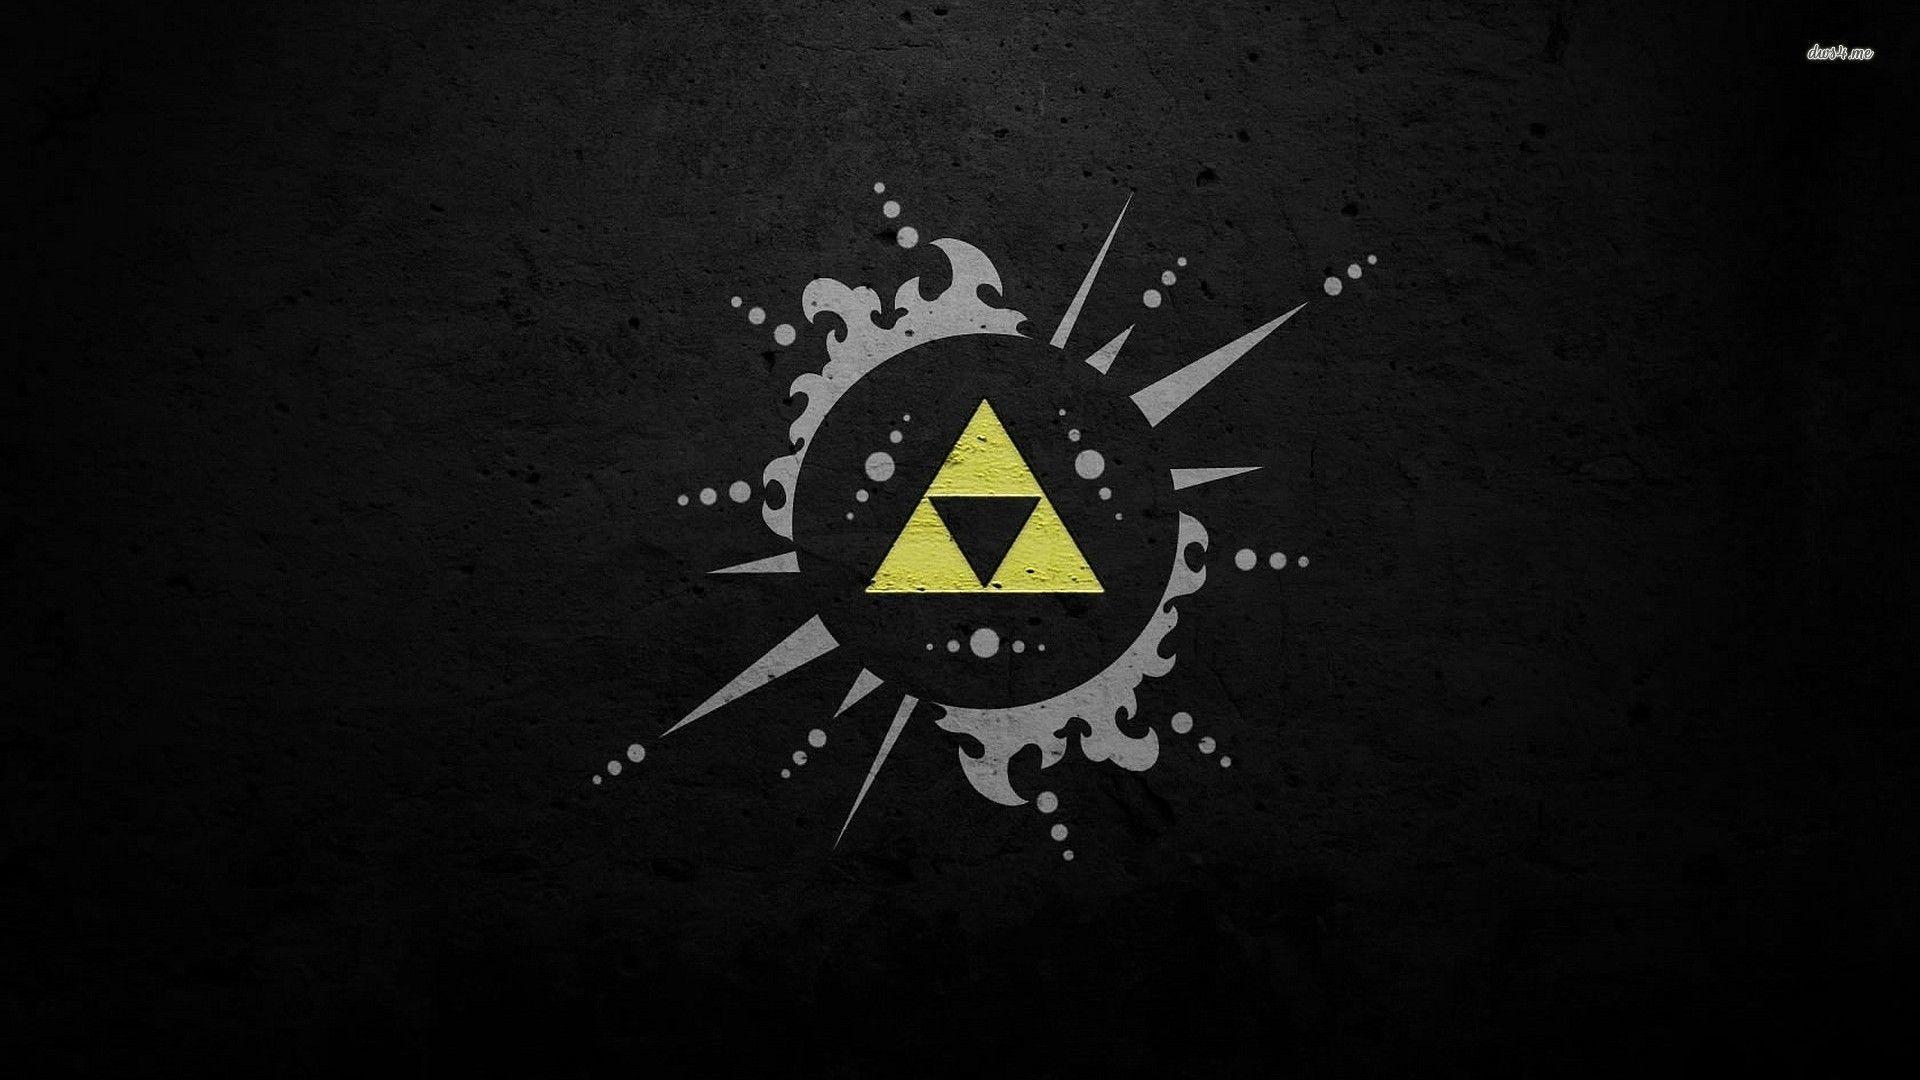 Zelda Triforce Wallpapers Wallpaper Cave